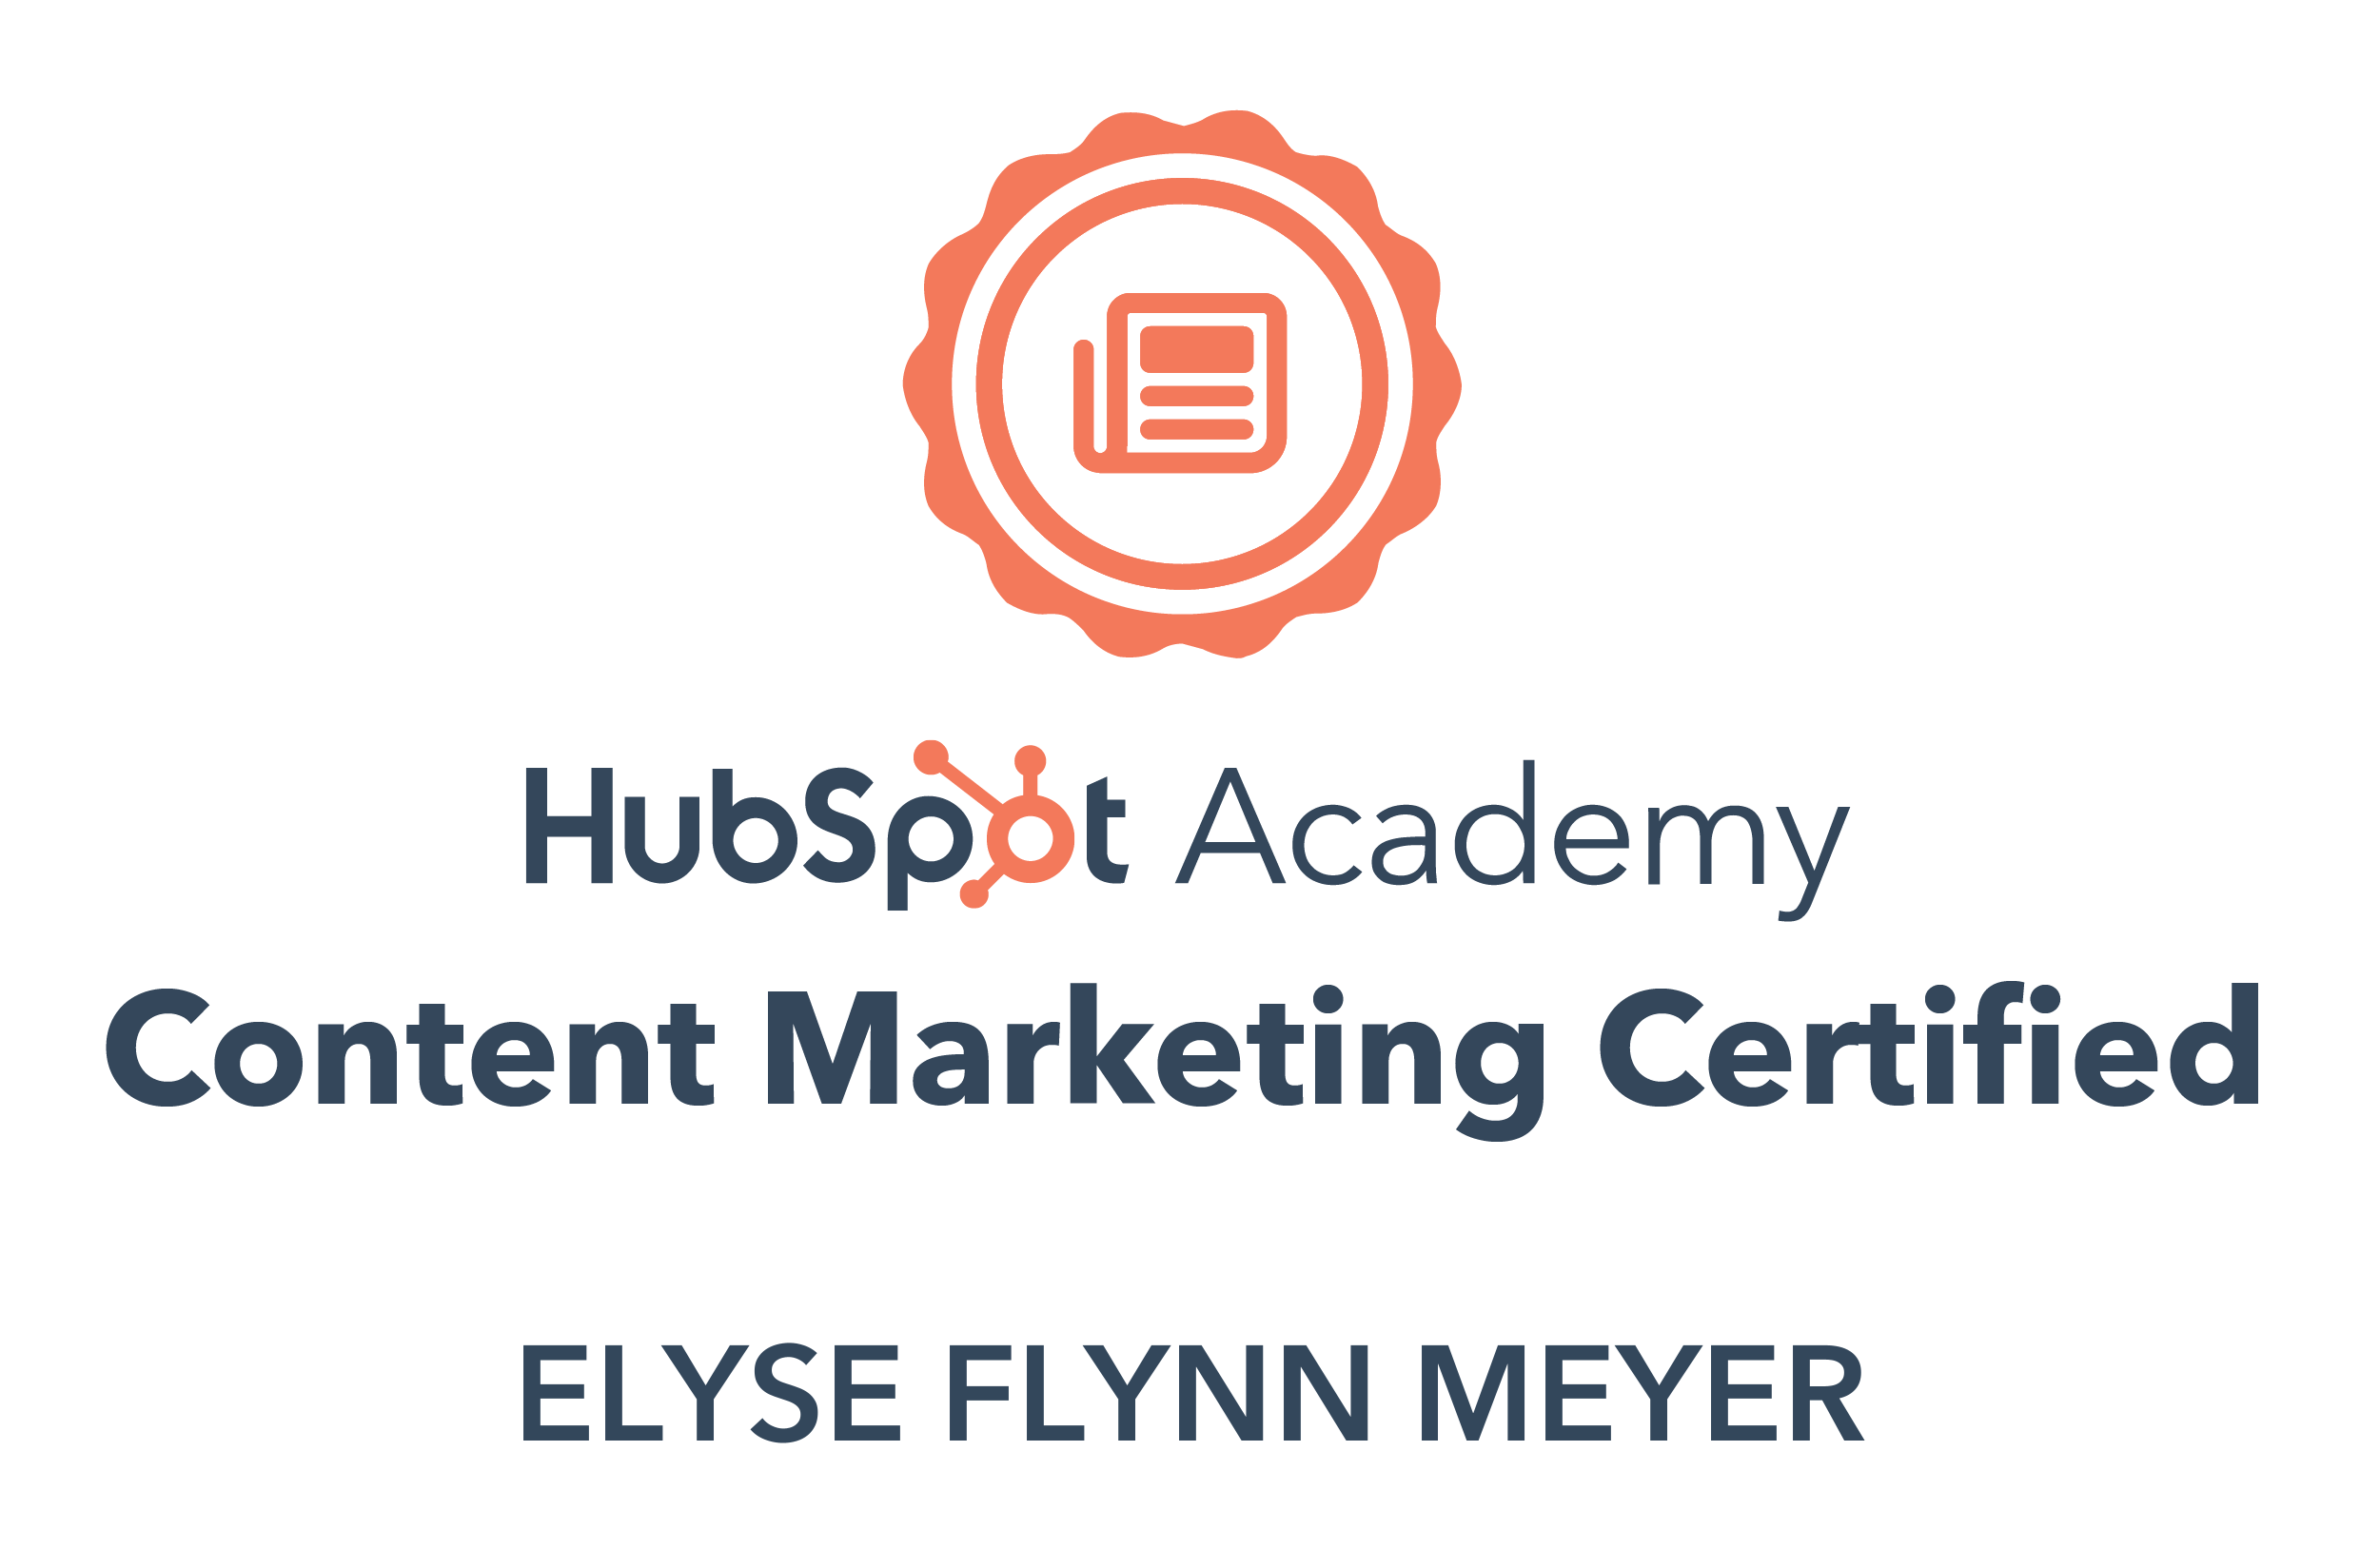 HubSpot Content Marketing Certifiction